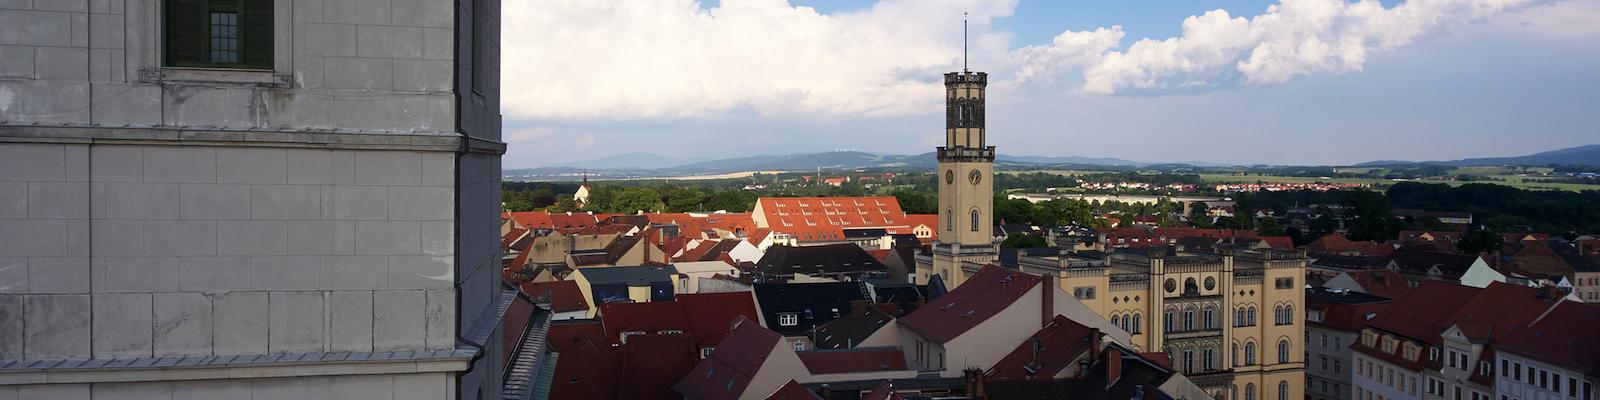 Zittau - Stadtrundfahrt Süd